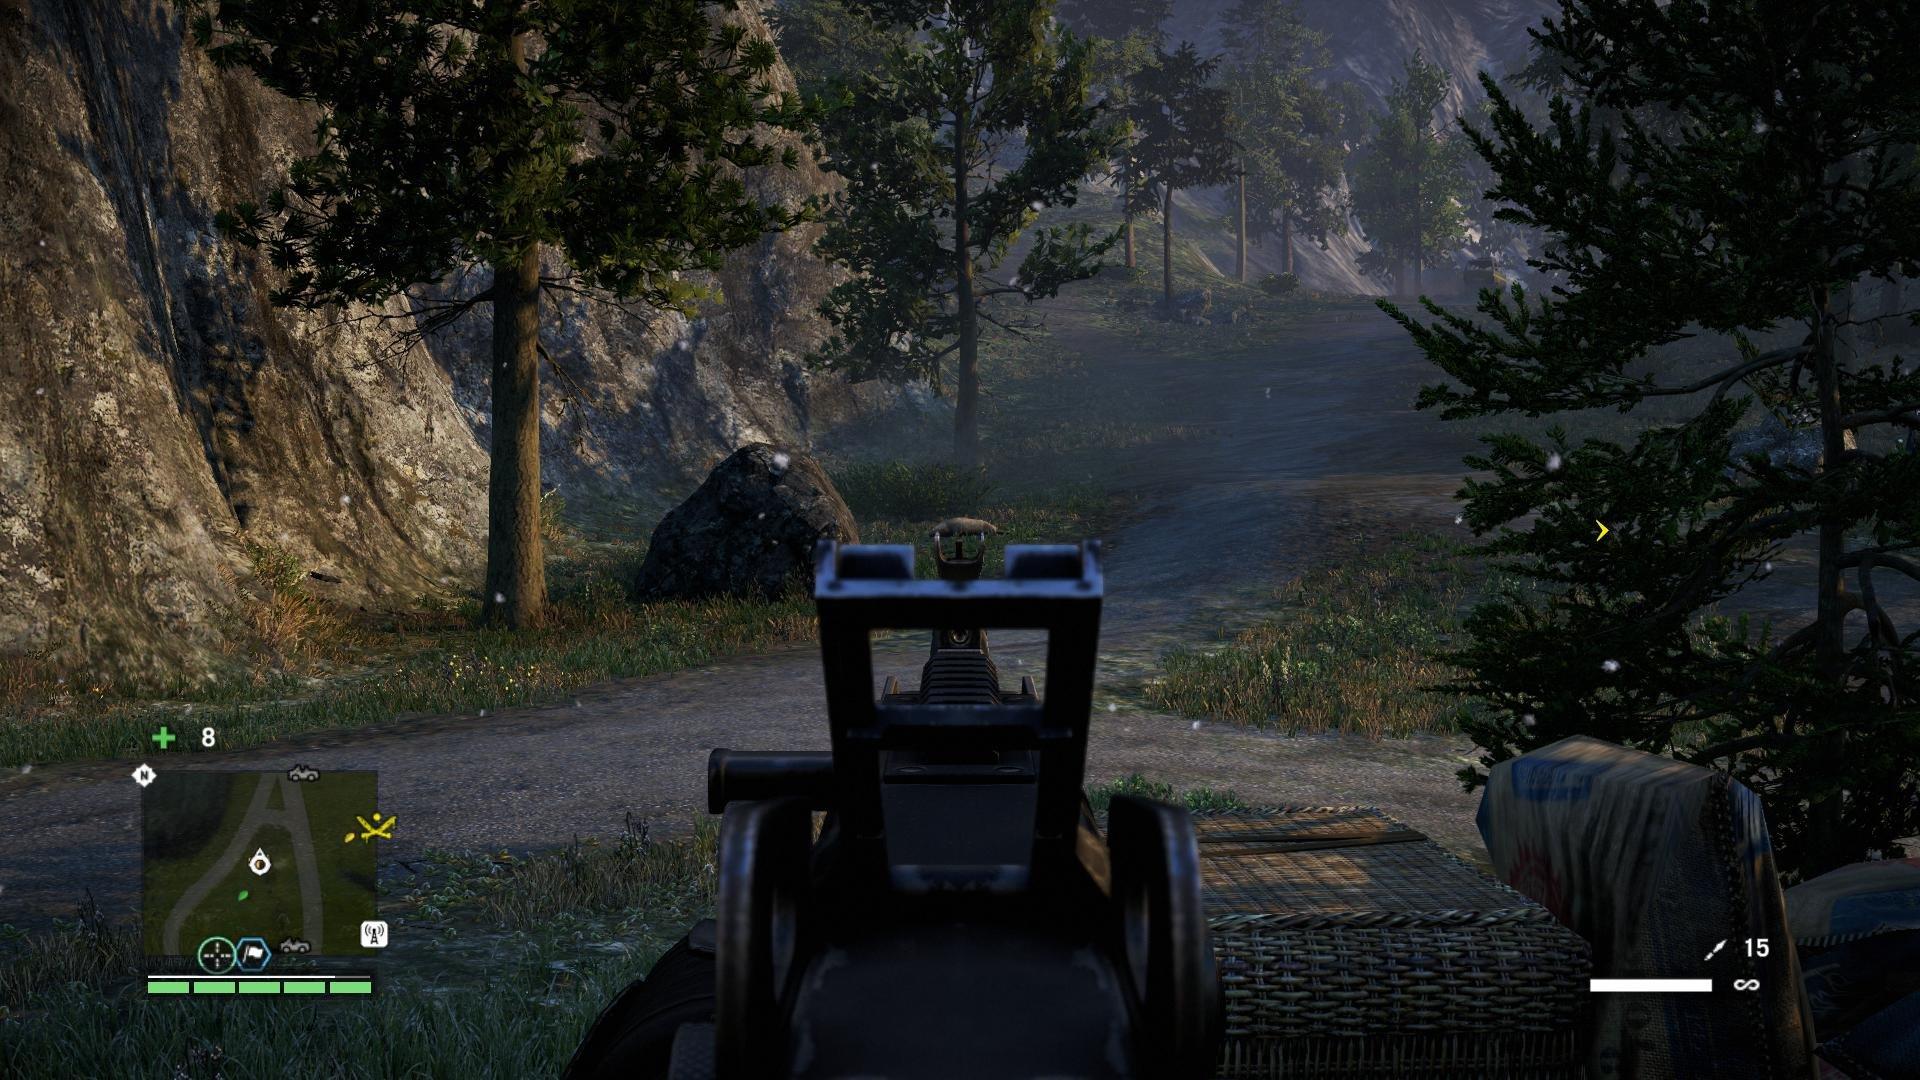 Far  Cry 4 - Page 2 A27a0b09-fc94-4082-9eae-63c72613b3cc